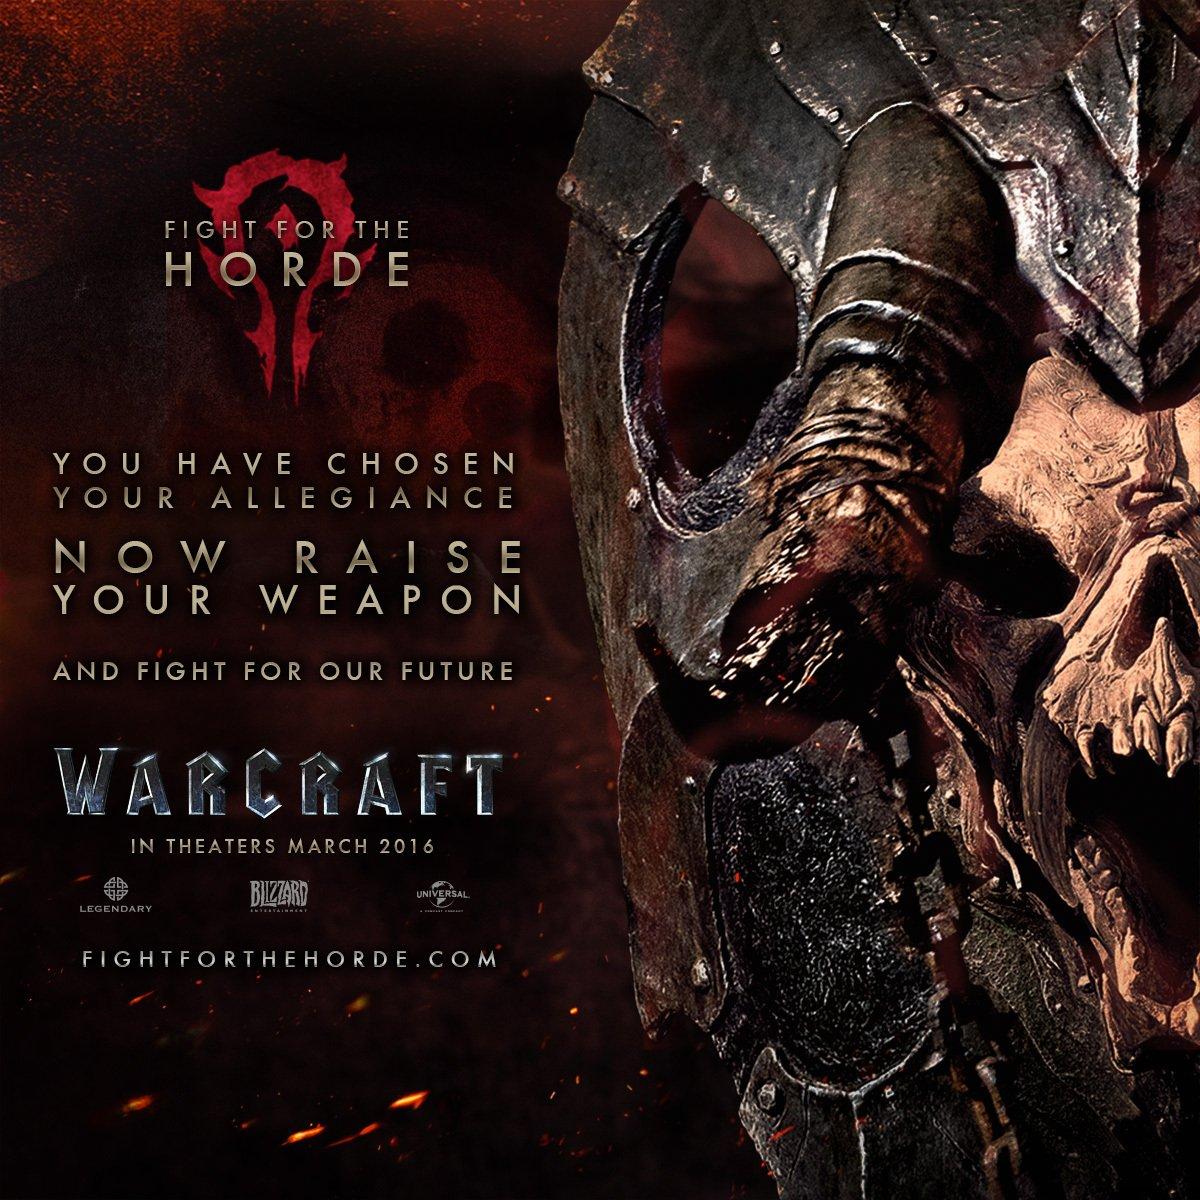 Скрины и фанатские арты к фильму WarCraft. - Изображение 5